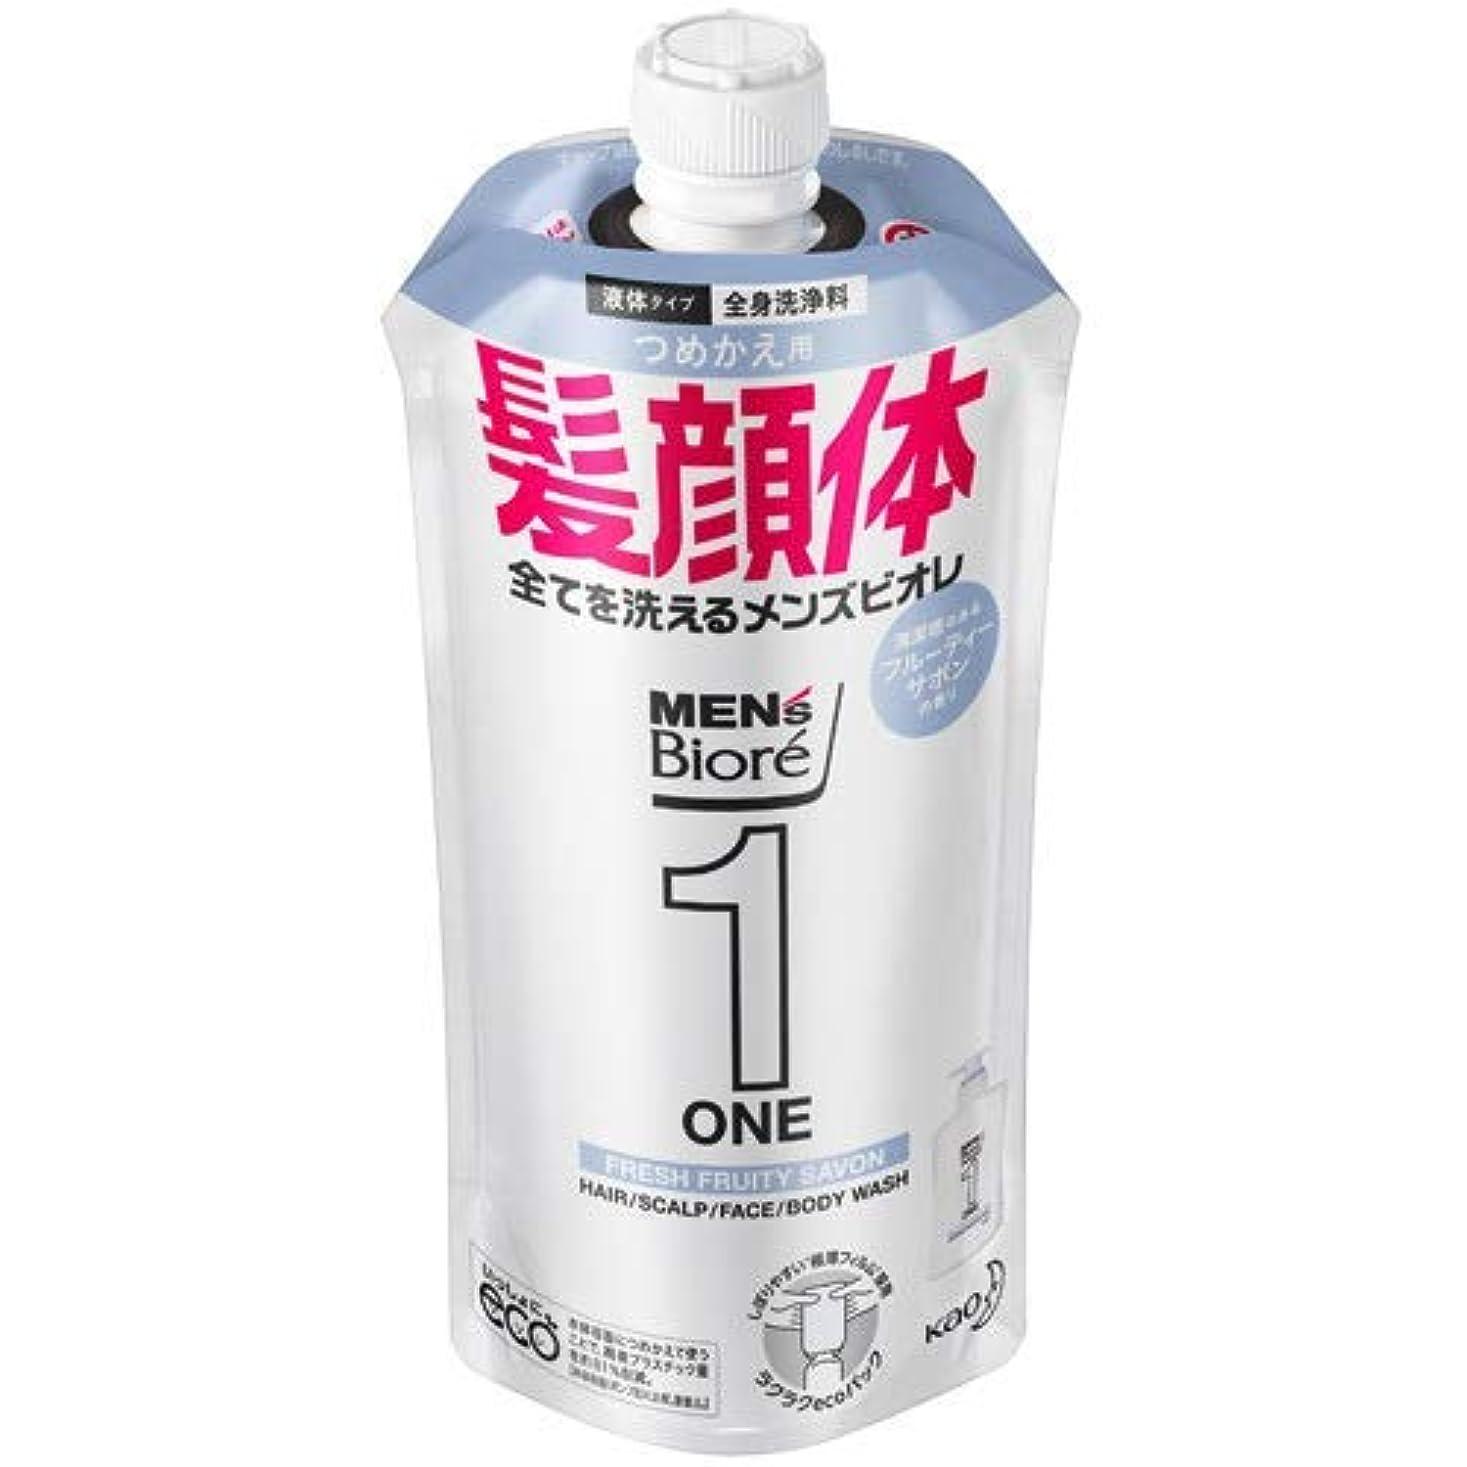 ドライ盆地拍車【10個セット】メンズビオレONE オールインワン全身洗浄料 清潔感のあるフルーティーサボンの香り つめかえ用 340mL